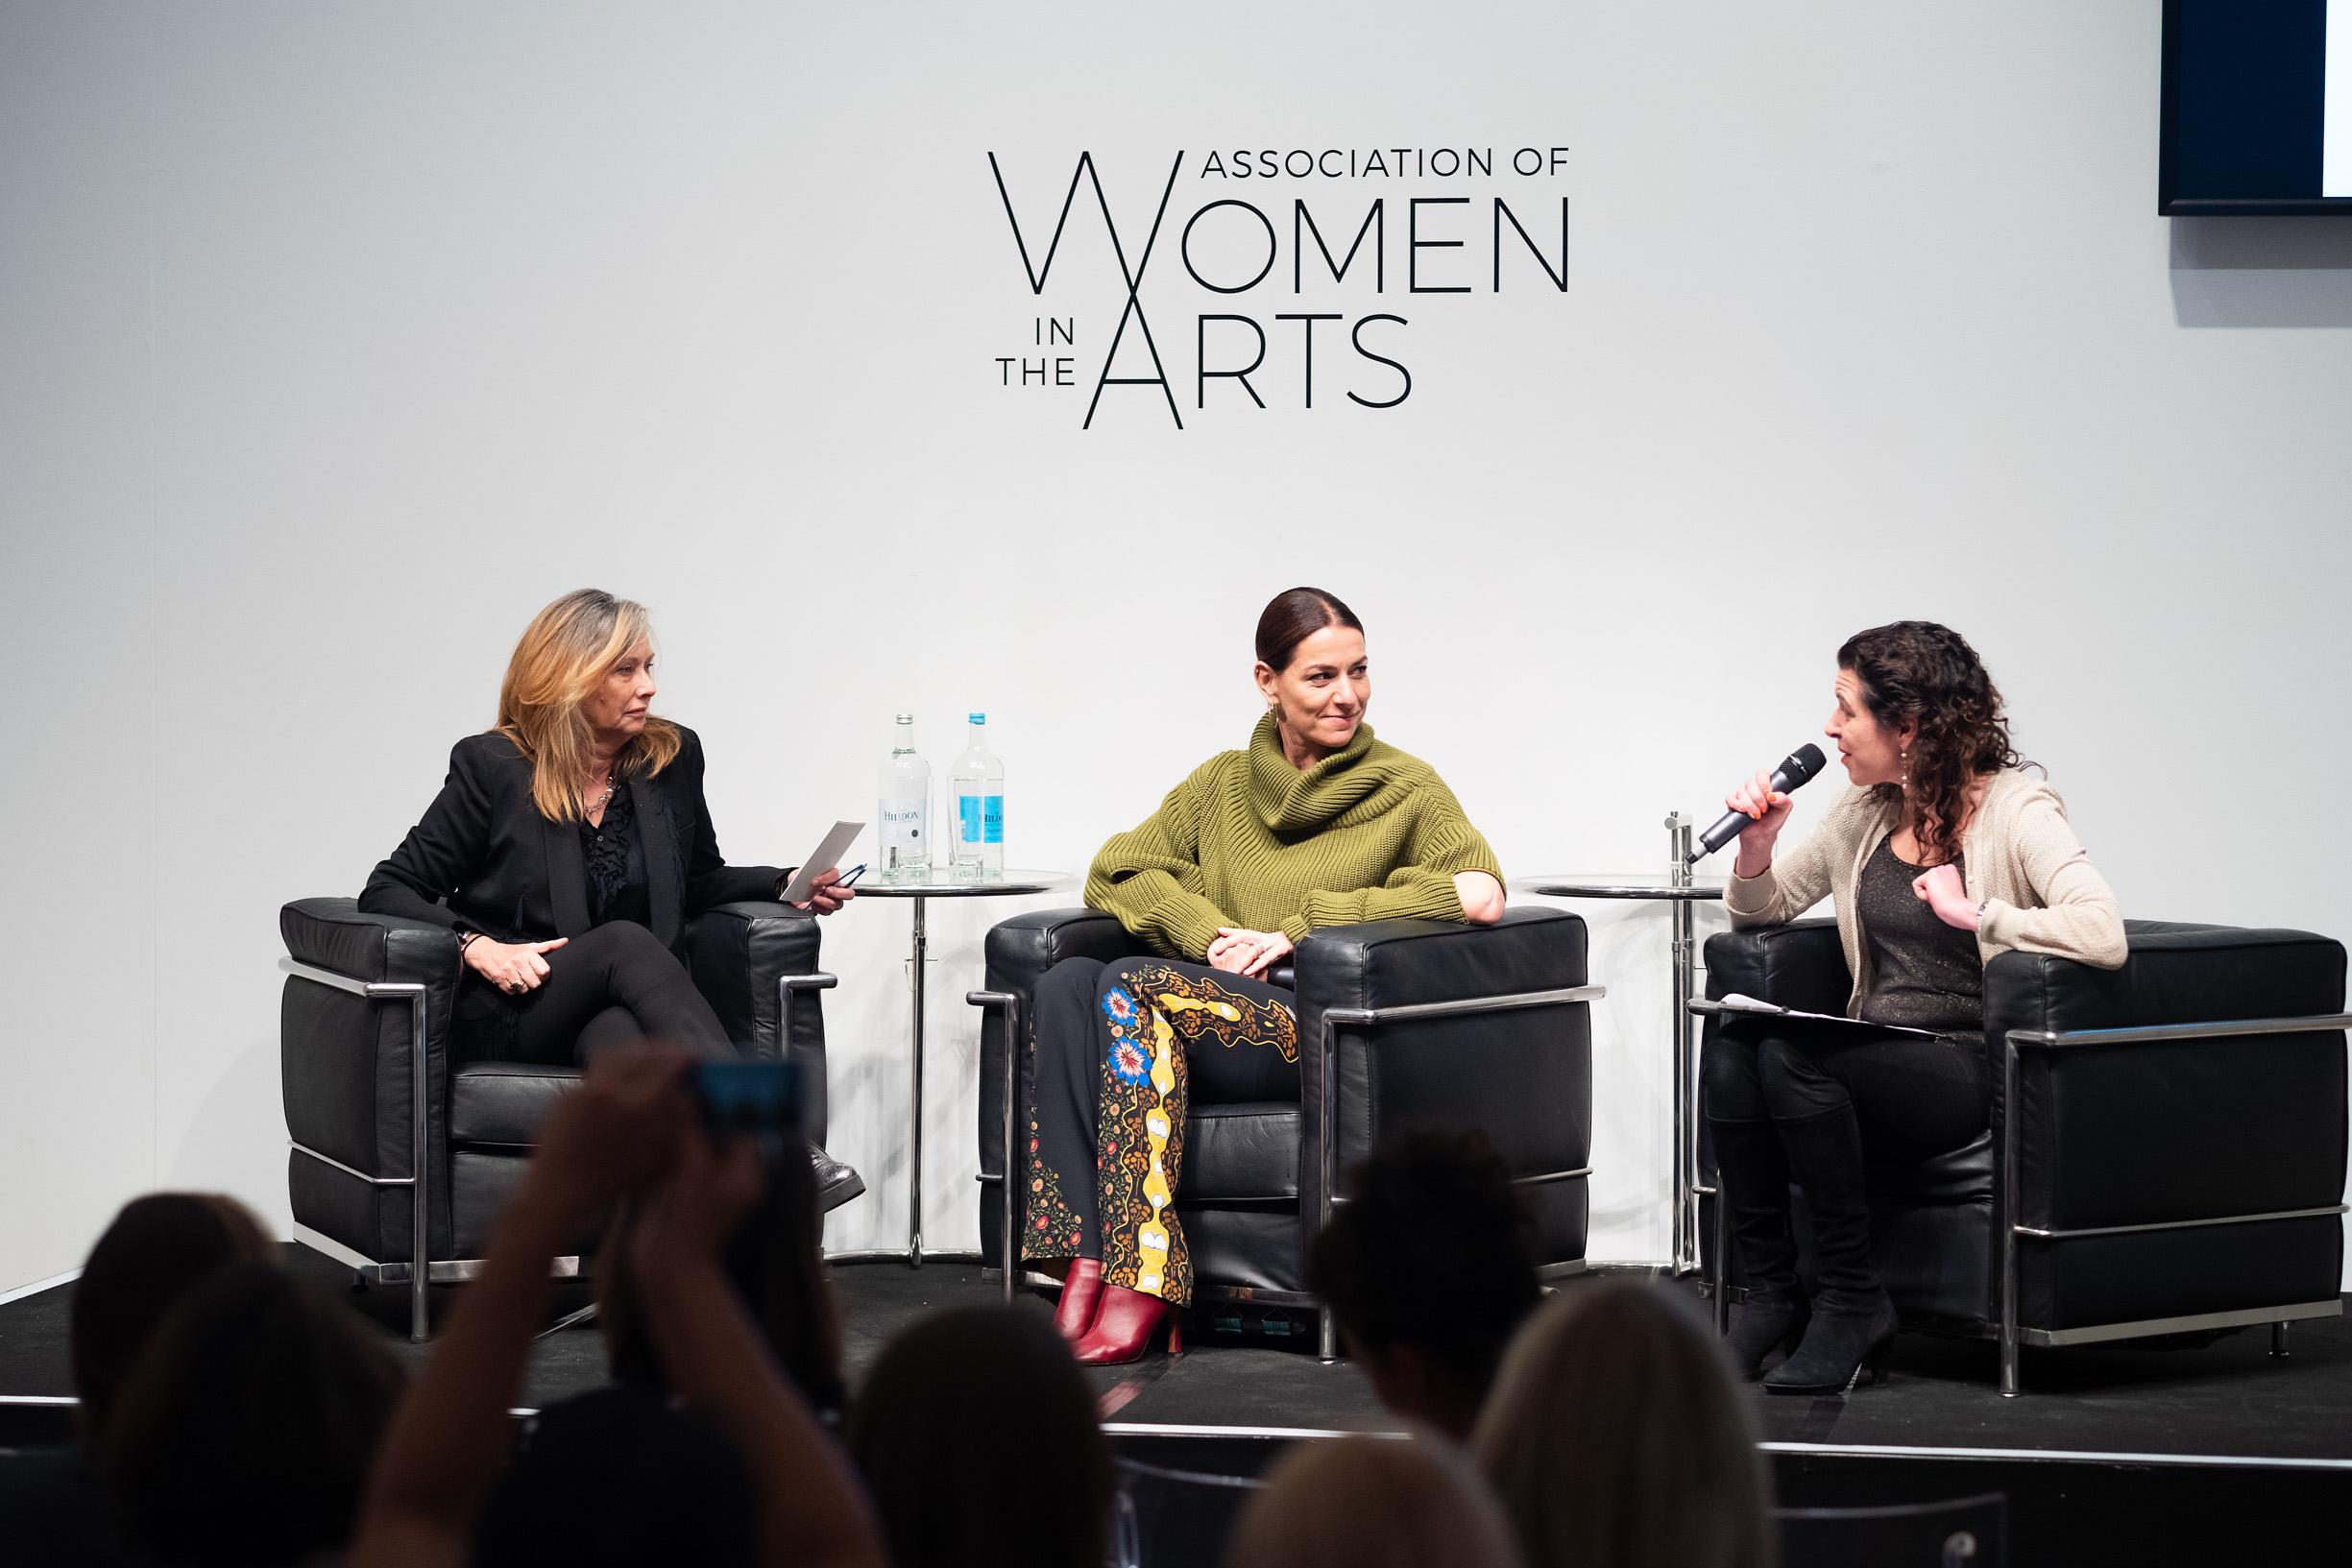 Anita Zabludowicz, Yana Peel and Melanie Gerlis